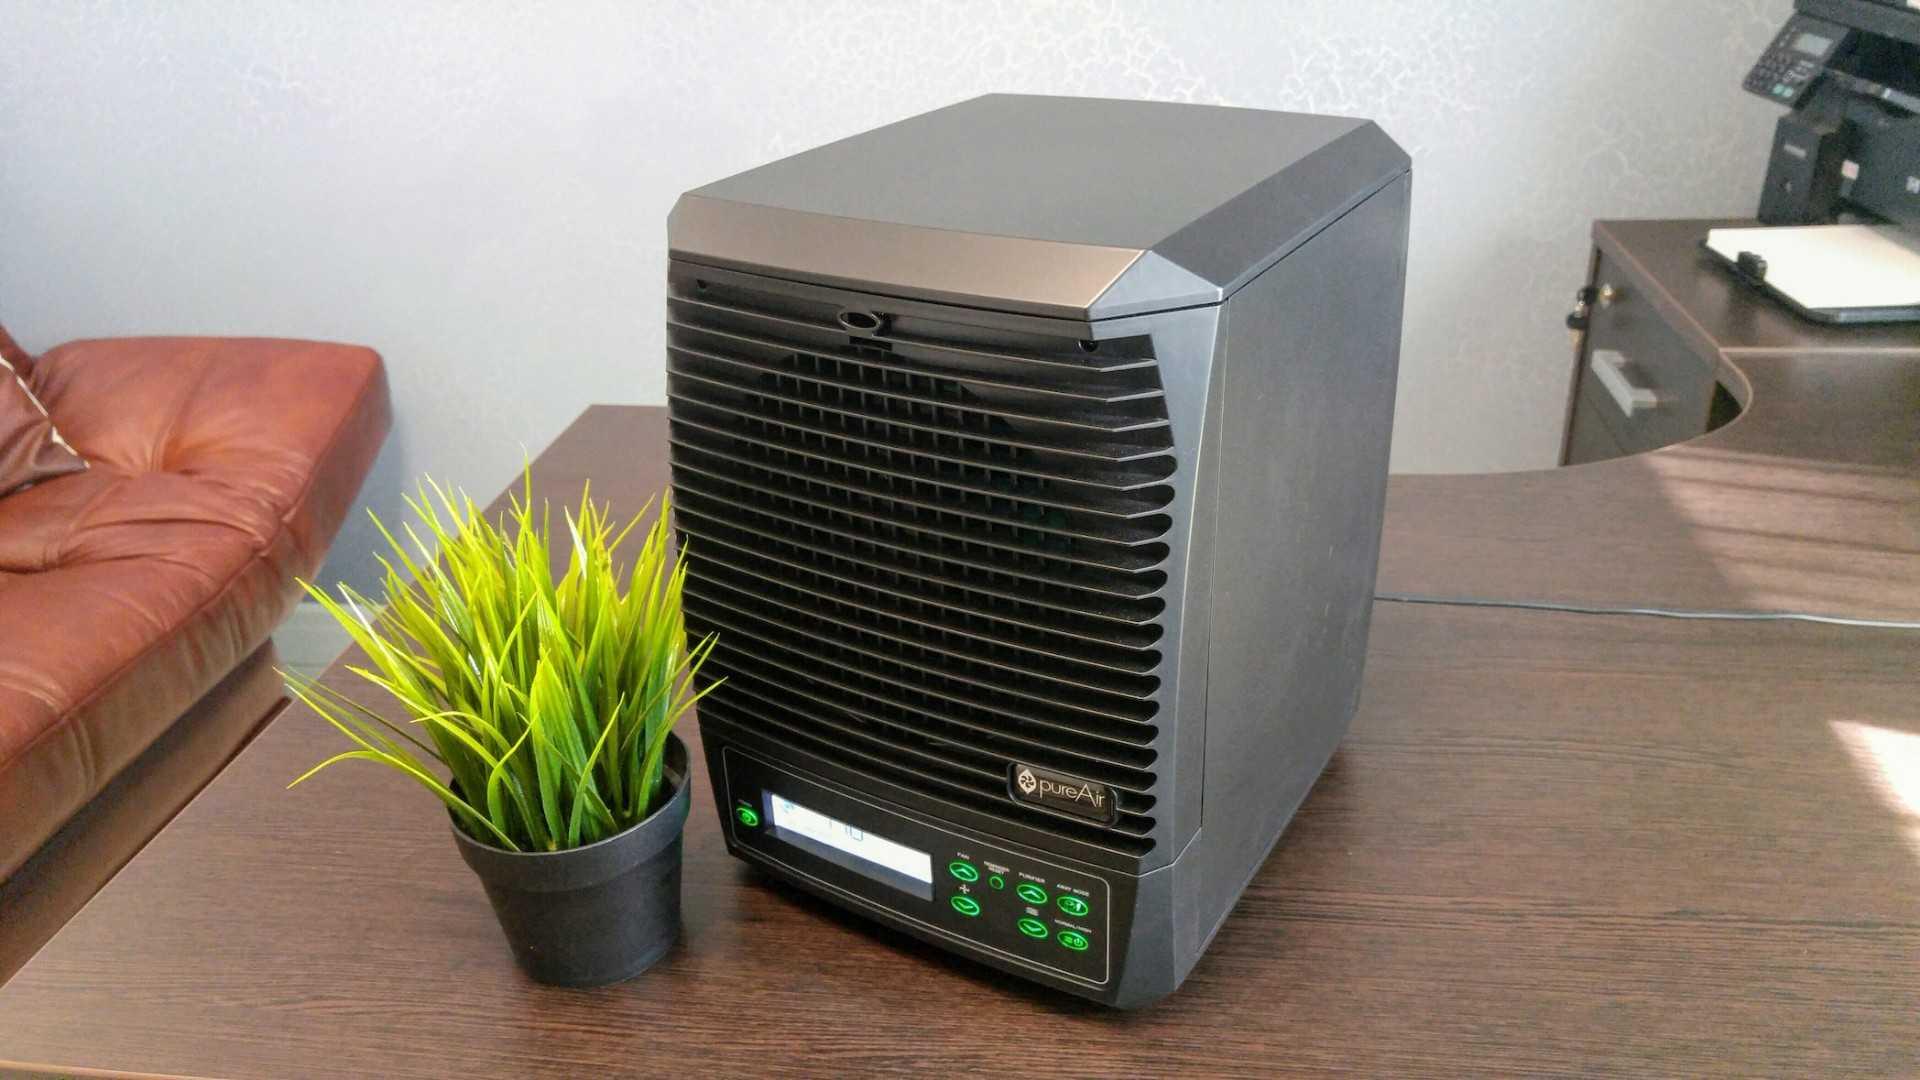 Очиститель воздуха для квартиры: какой выбрать по типу очистки и функциям